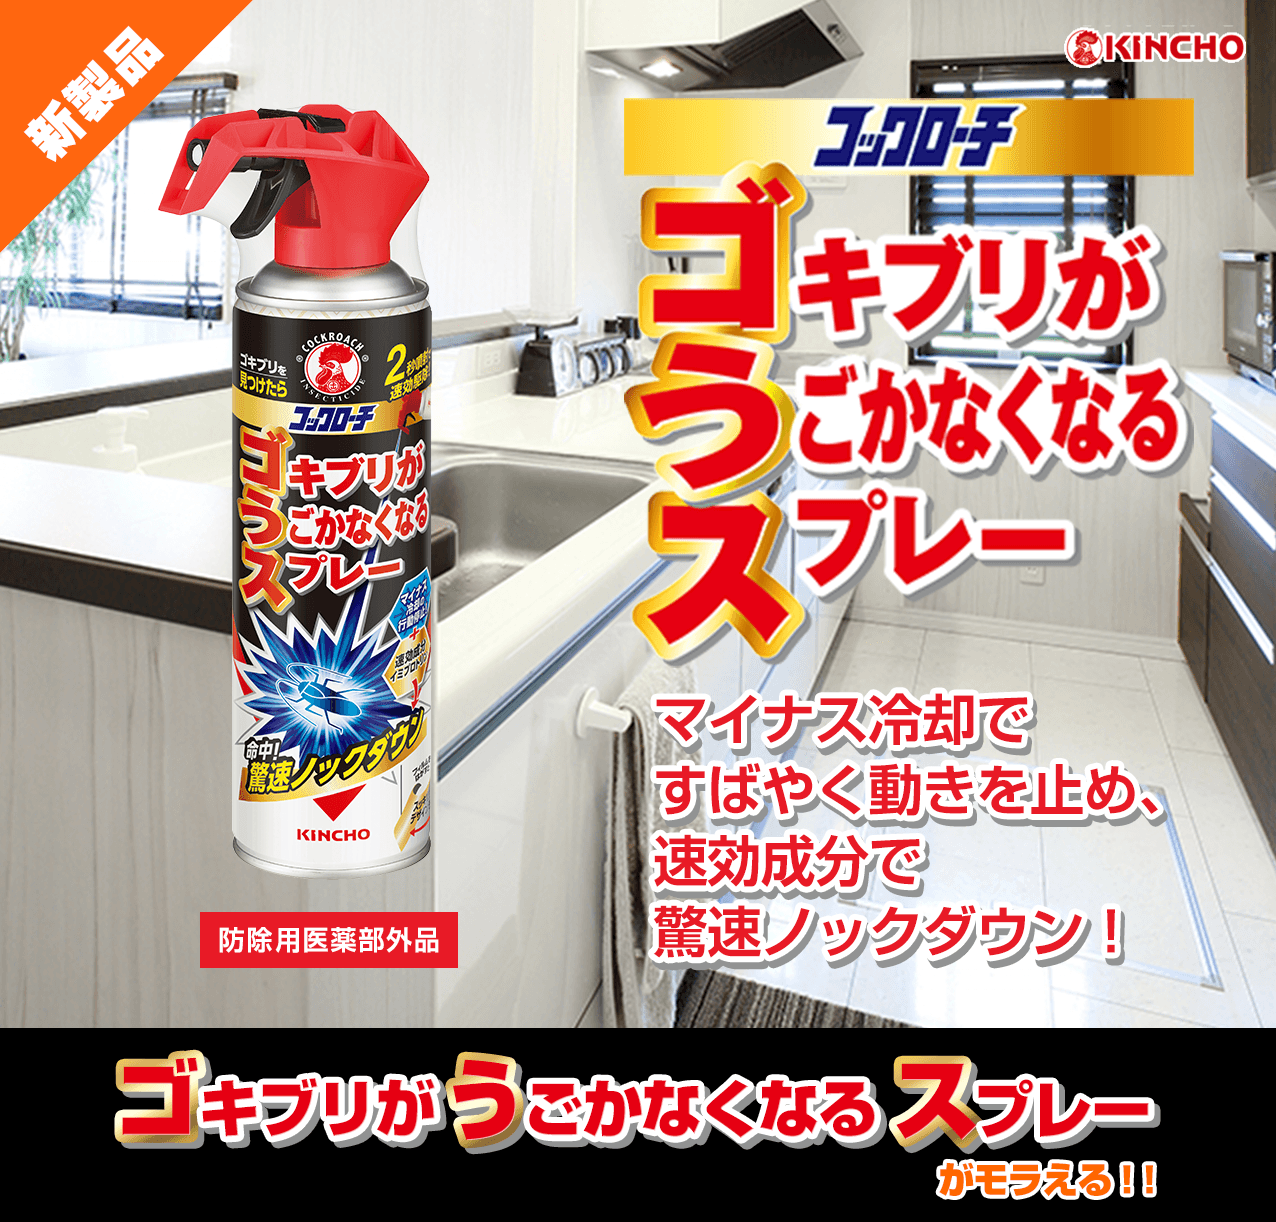 新商品 ゴキブリがうごかなくなるスプレー マイナス冷却ですばやく動きを止め、速効成分で驚速ノックダウン!ゴキブリがうごかなくなるスプレーがモラえる!